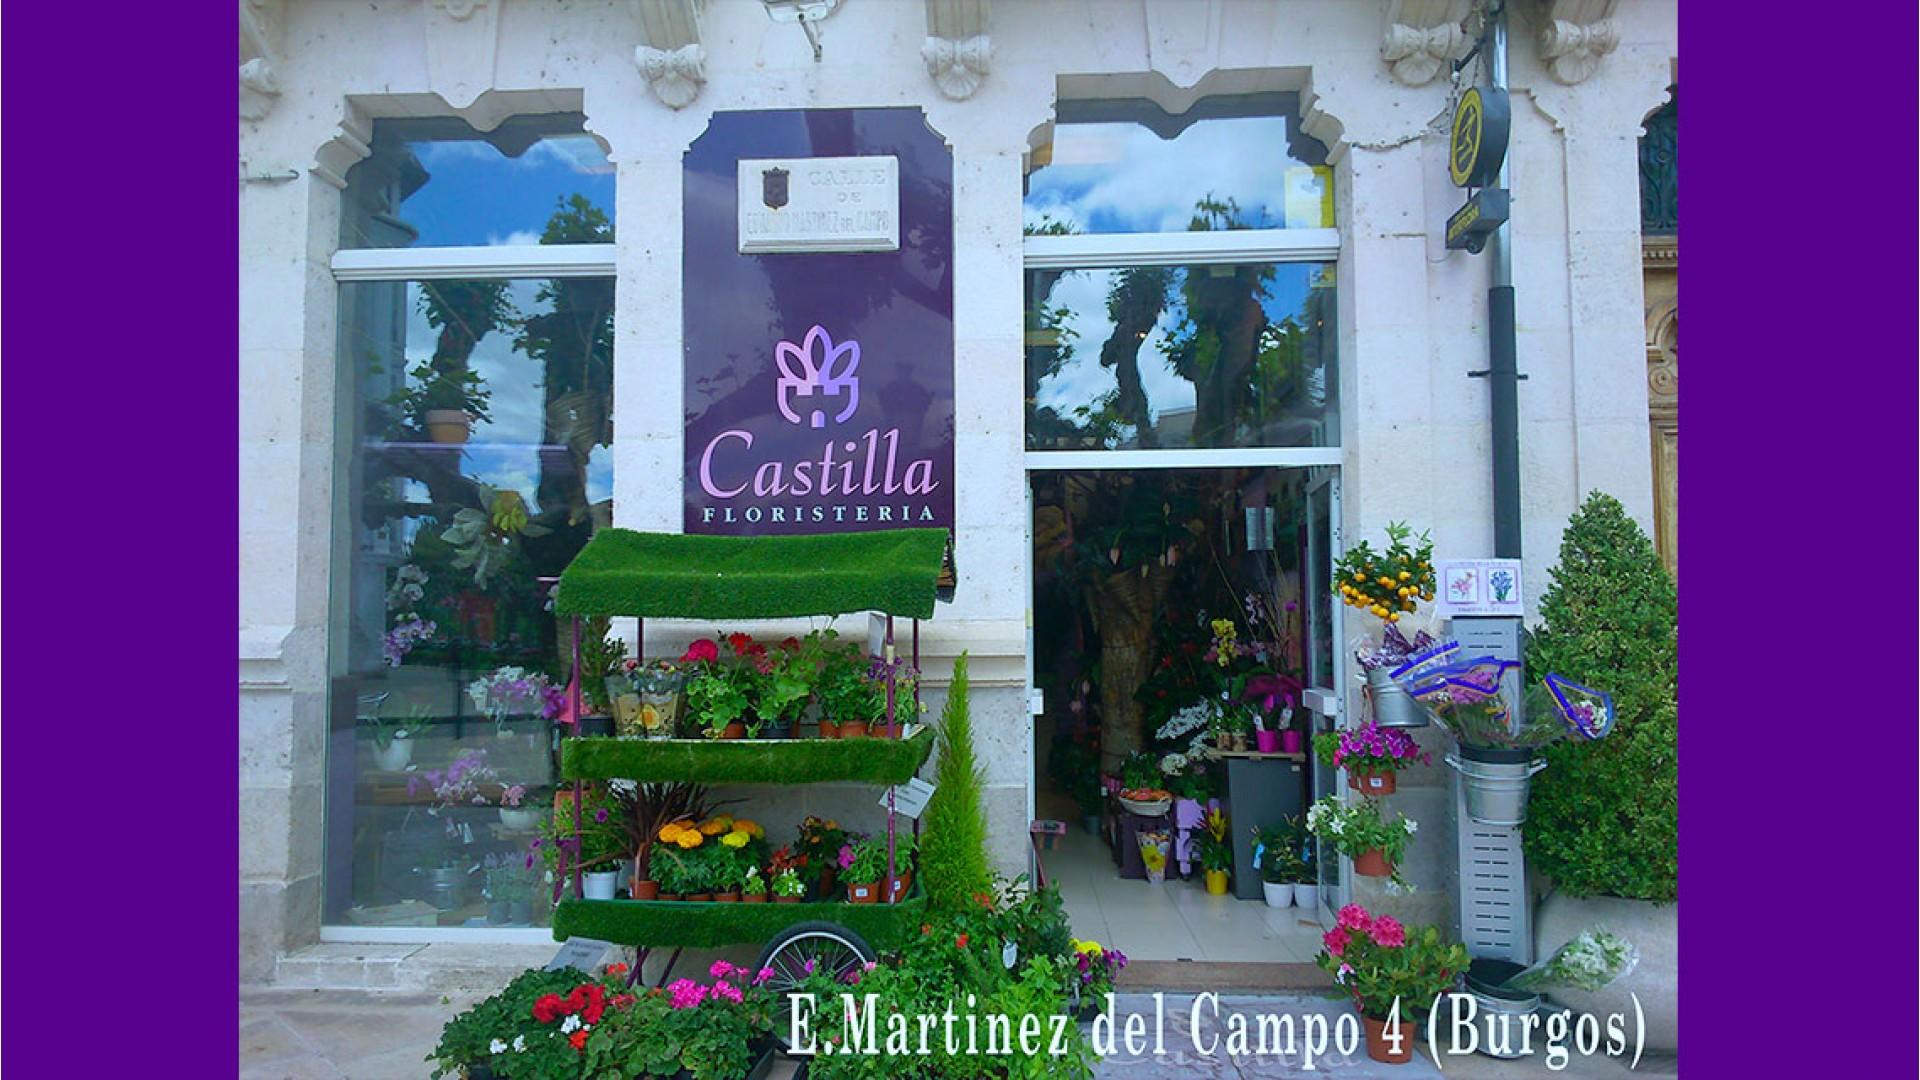 Martinez del Campo